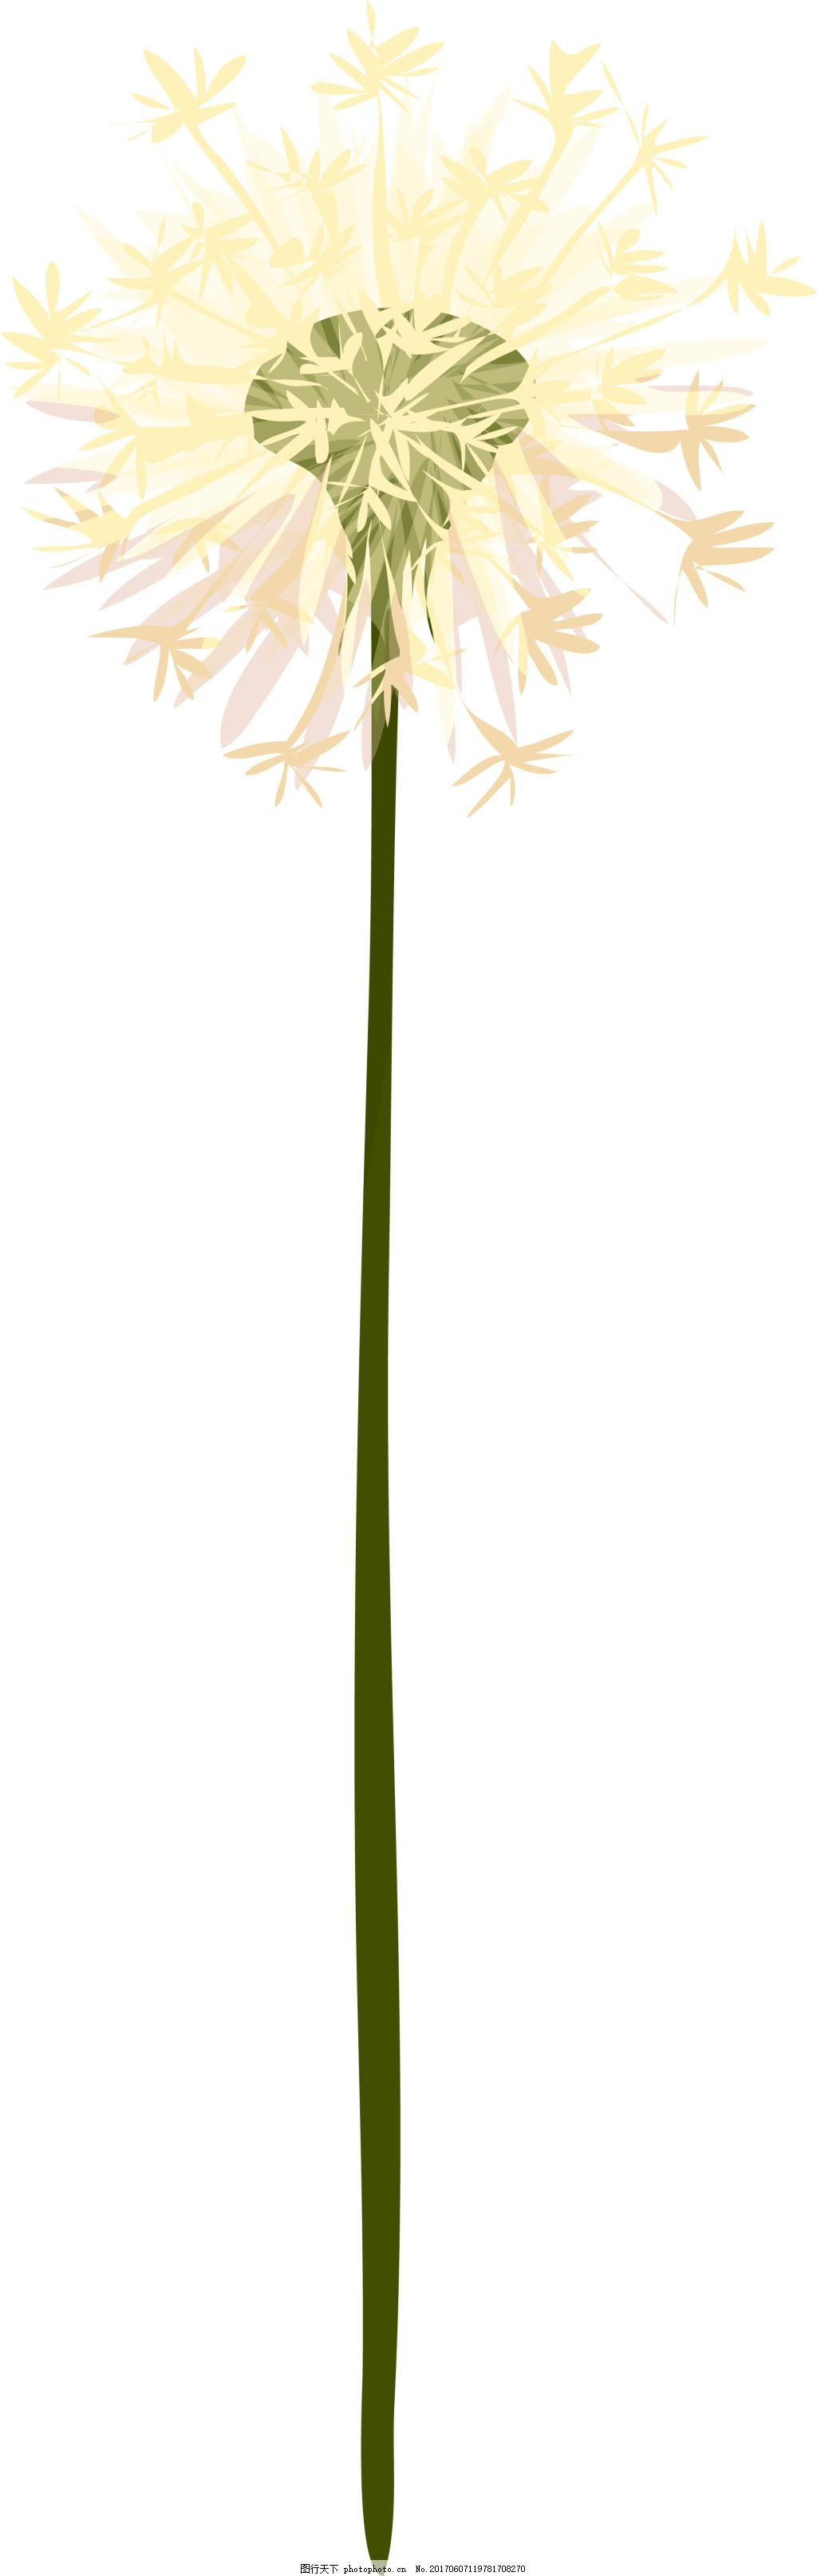 蒲公英卡通植物矢量素材 小清新 白色 花朵 绿叶 水彩 手绘 装饰